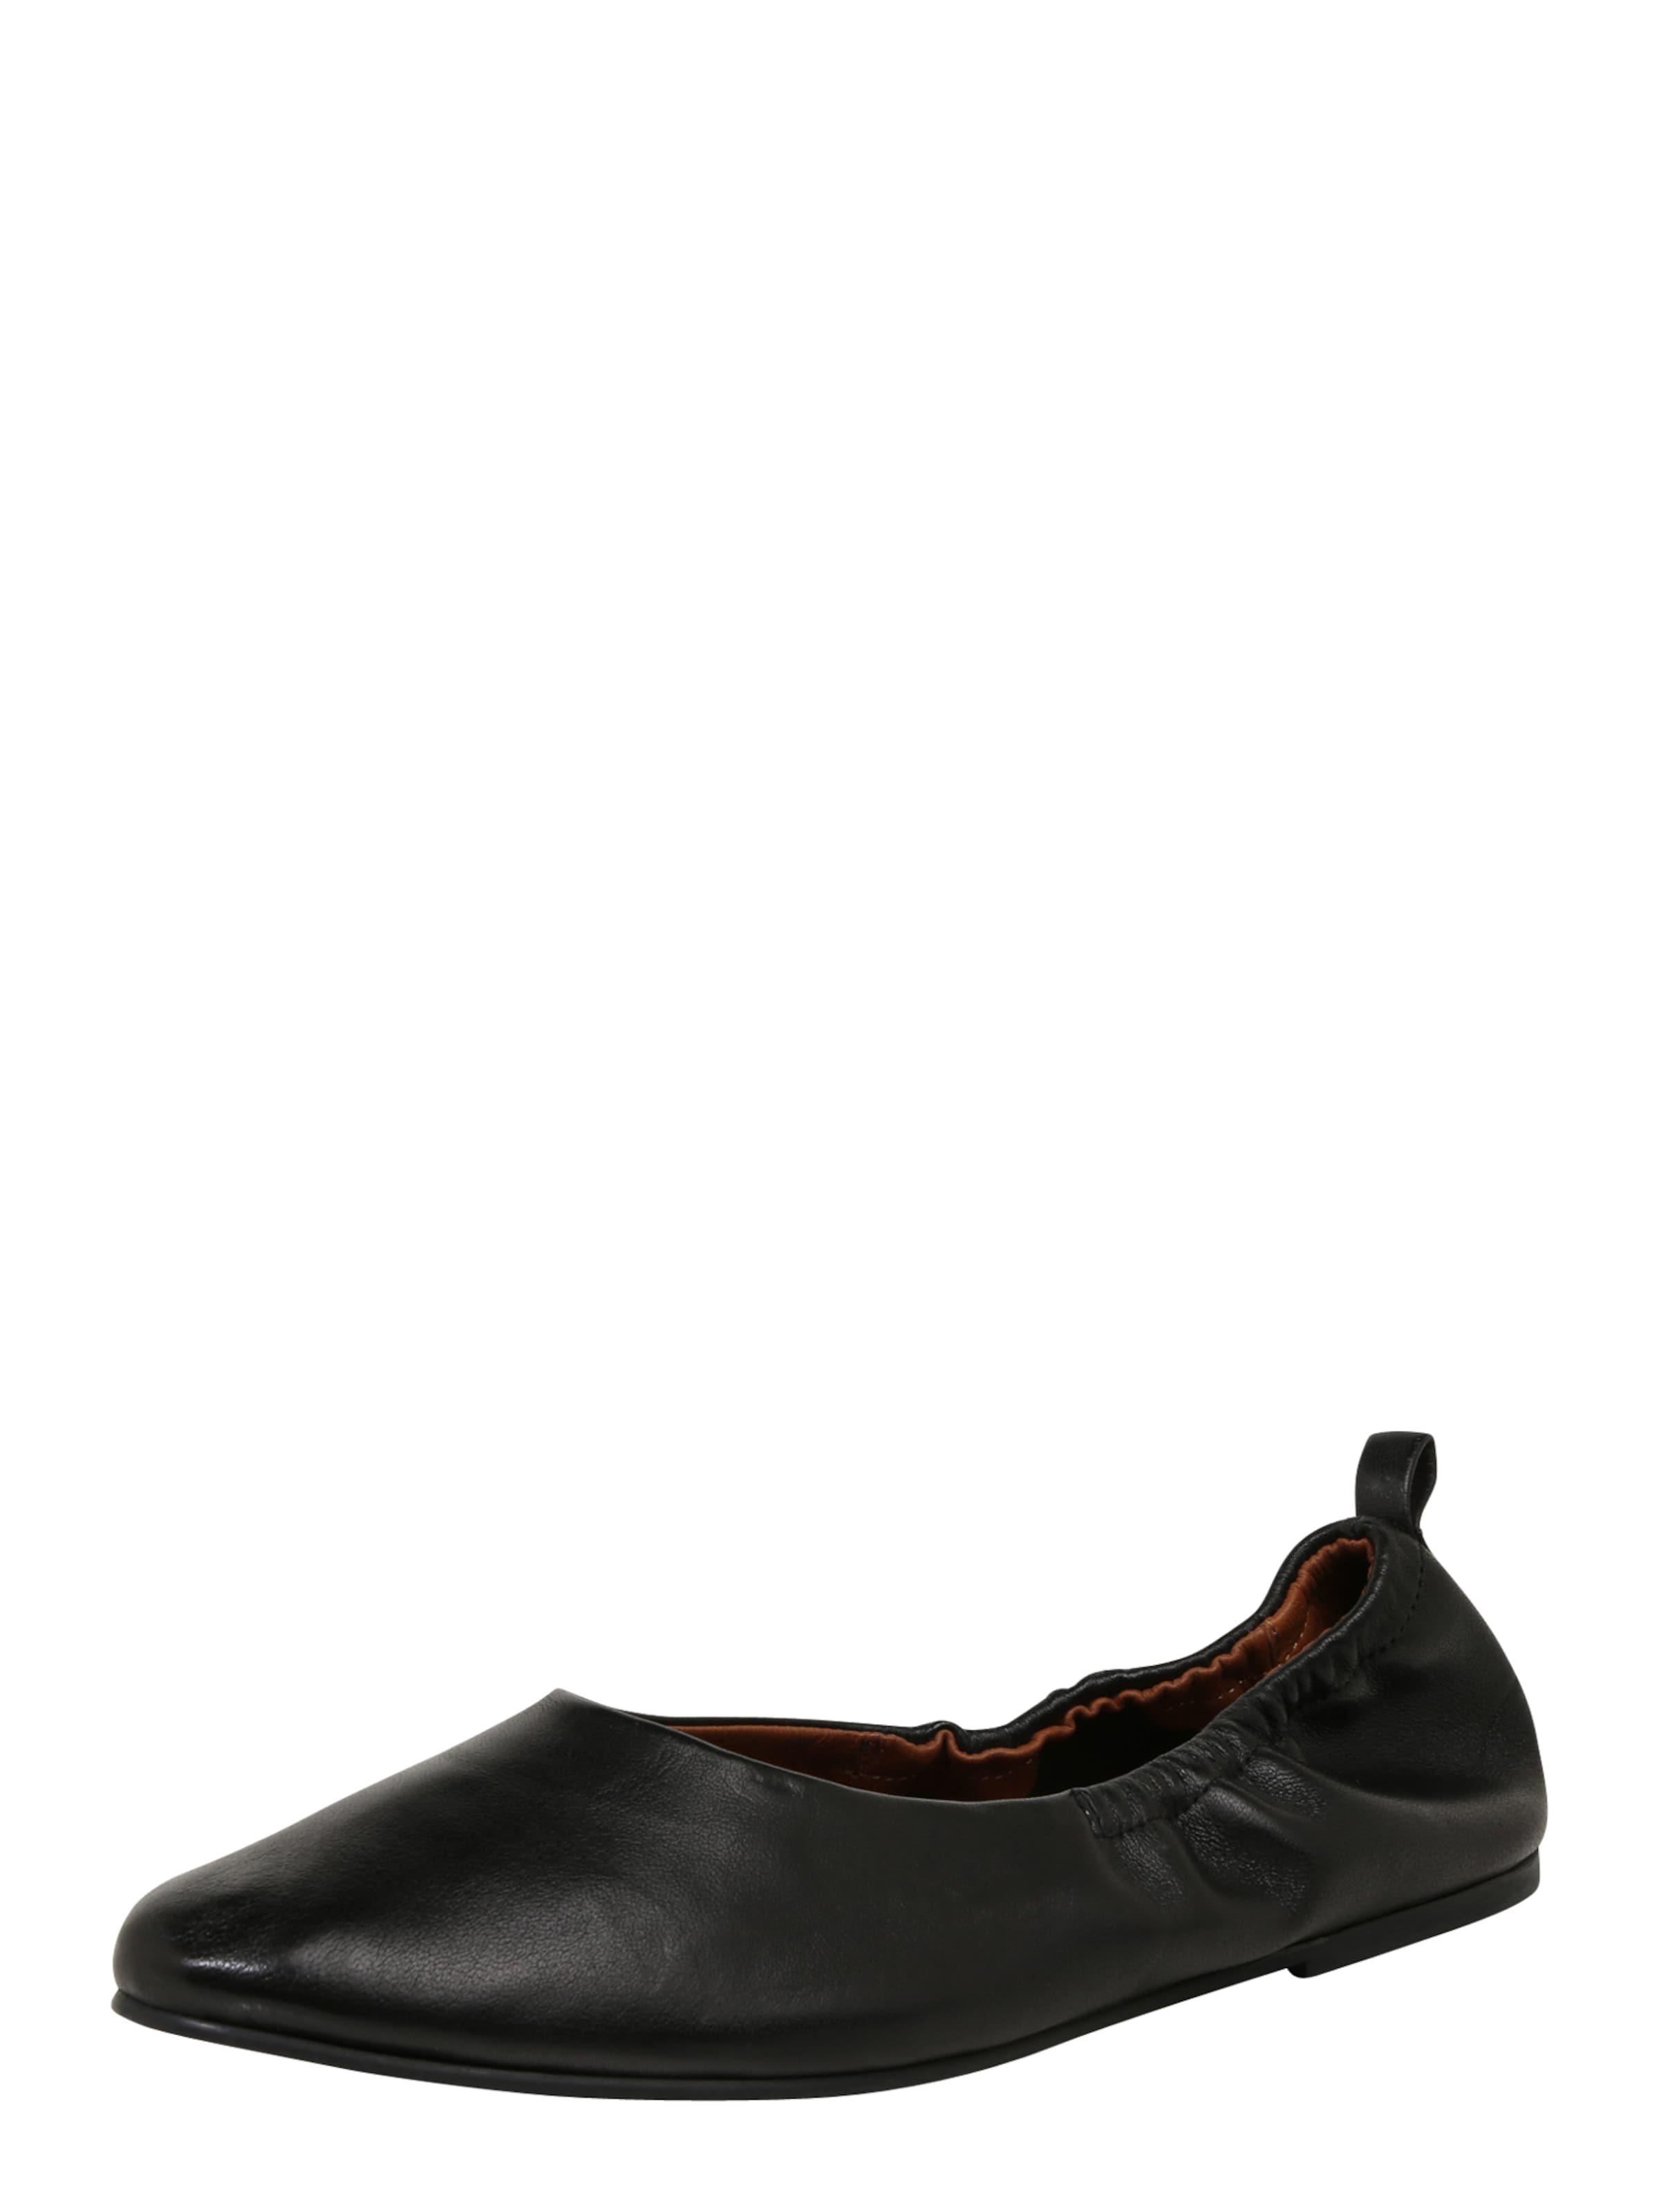 Haltbare Mode billige Schuhe getragene INUOVO | Ballerina Schuhe Gut getragene Schuhe Schuhe 727145